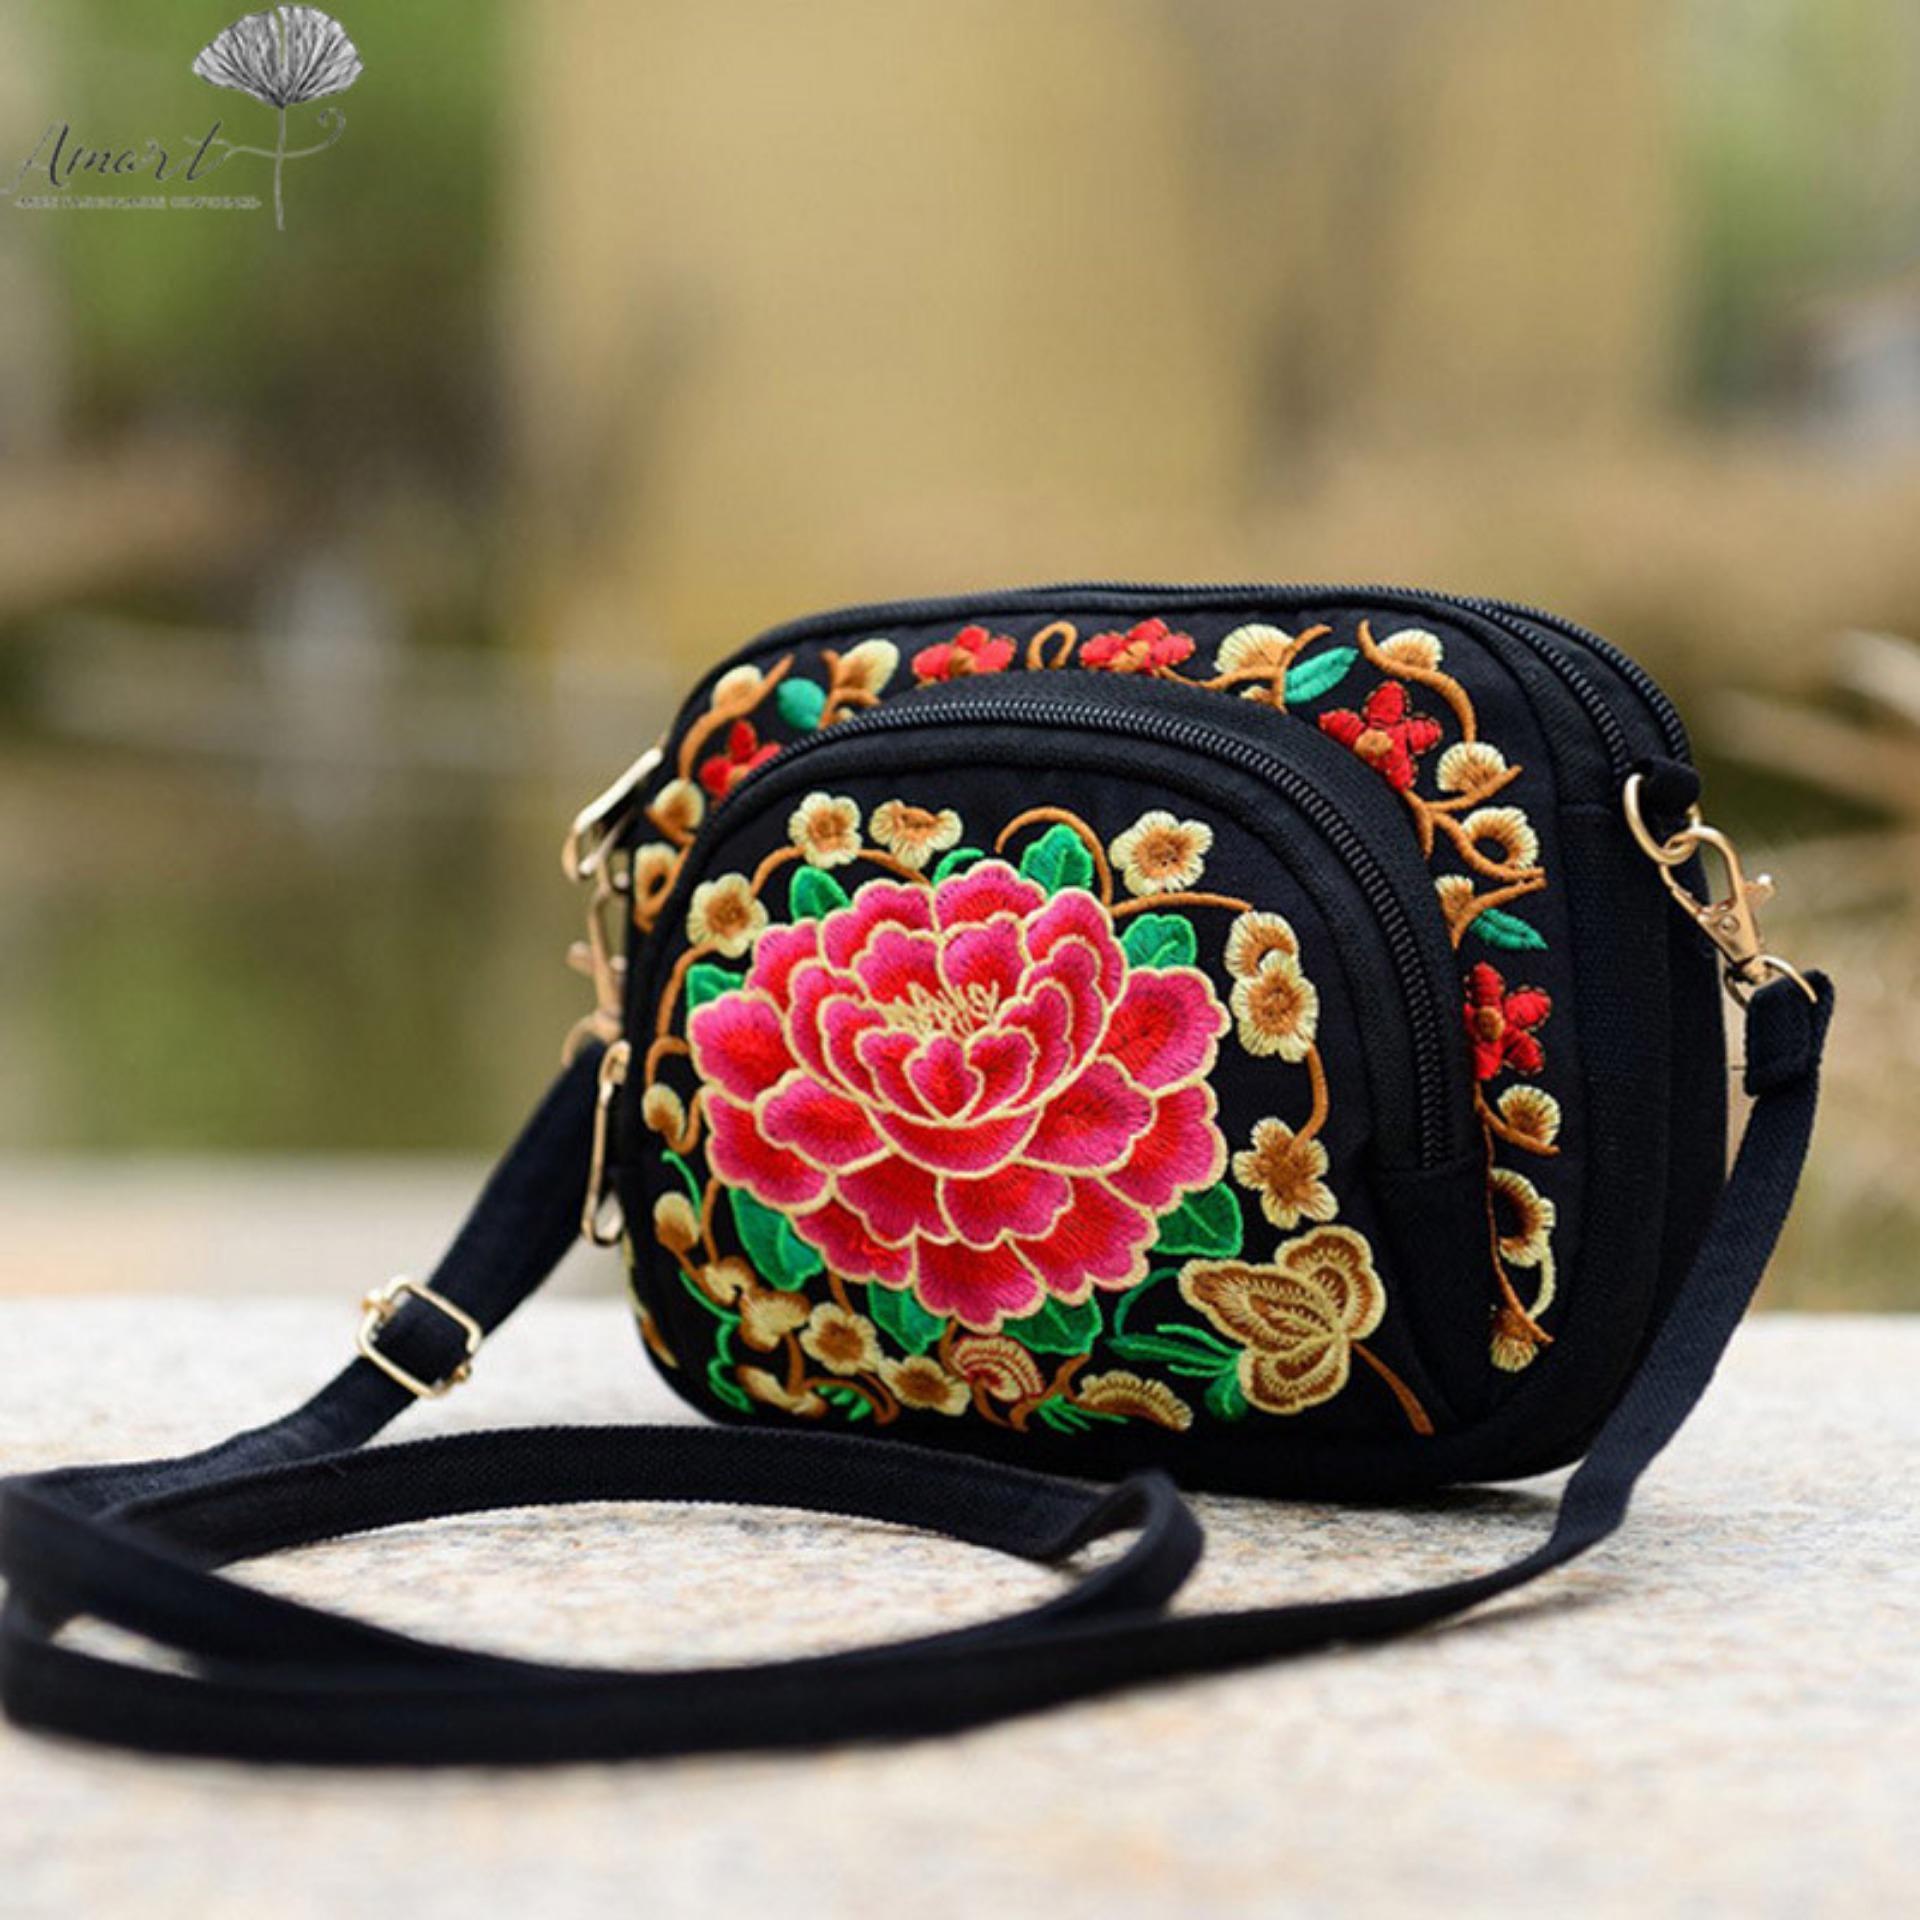 Amart Pu Tas Selempang Bahu Rantai Kulit Wanita Gaya Korea Dengan Woman Handbag  Import Hhm309 Hias Bordir Bunga China